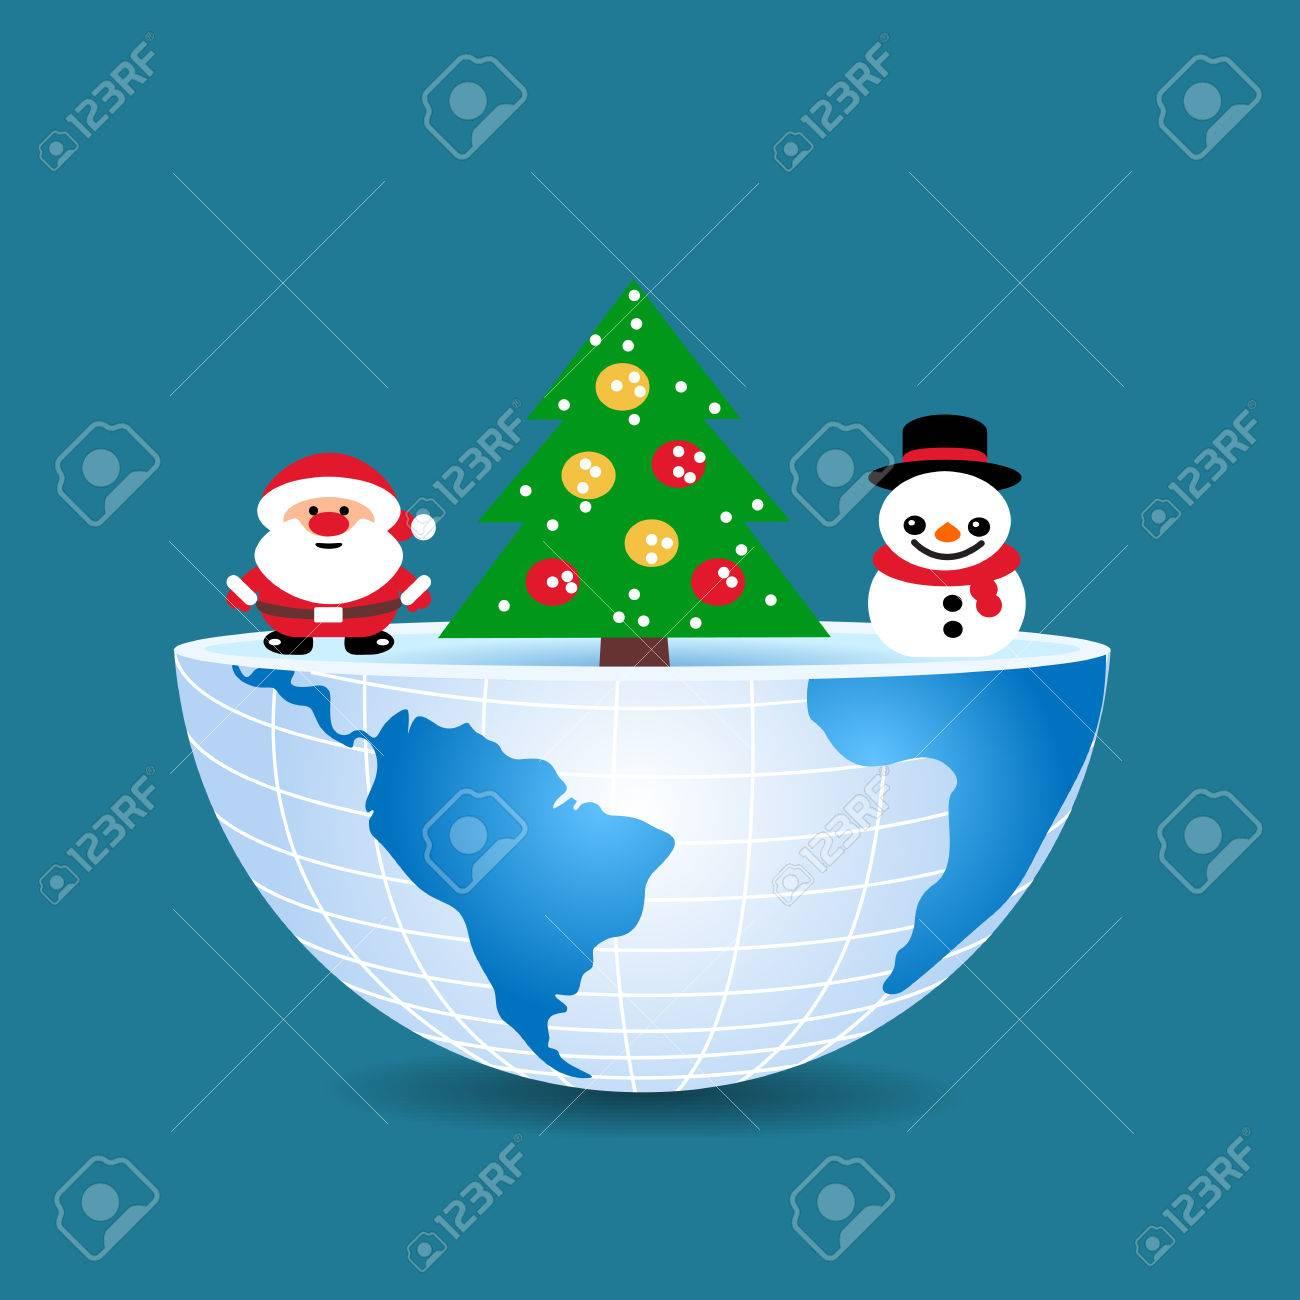 Albero Di Natale E Babbo Natale.Vettoriale Meta Del Mondo Con Al Suo Interno Albero Di Natale Pupazzo Di Neve E Babbo Natale Image 65838913